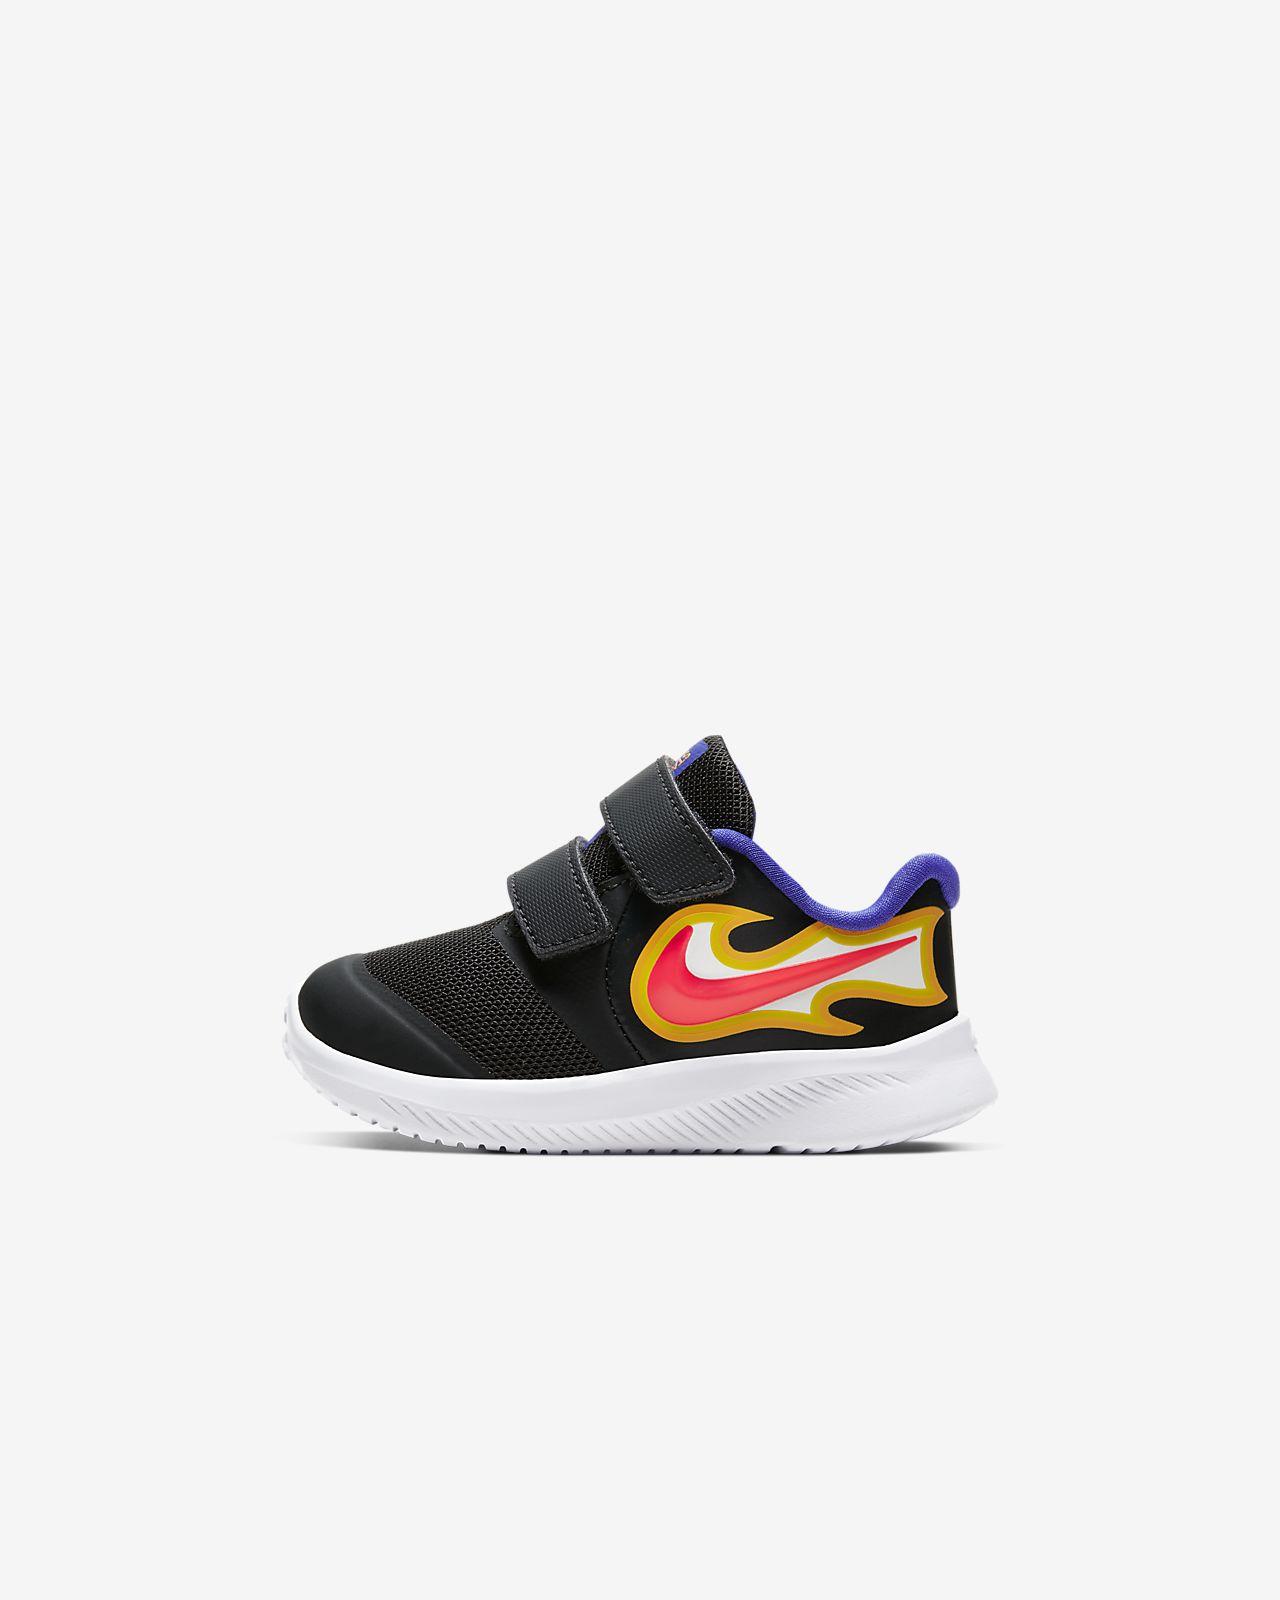 Nike Star Runner 2 Fire (TDV) 婴童运动童鞋